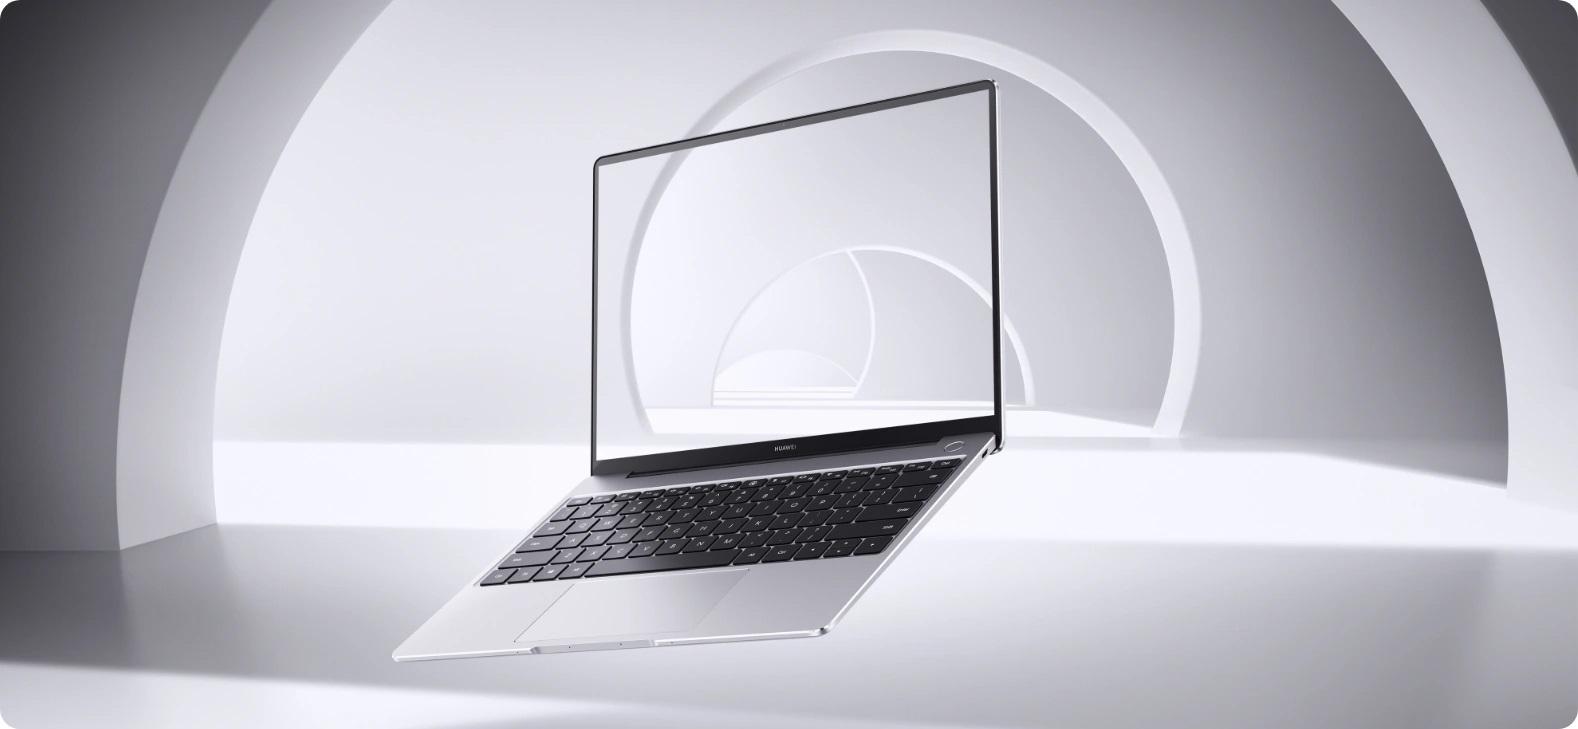 Huawei MateBook 13s laptop